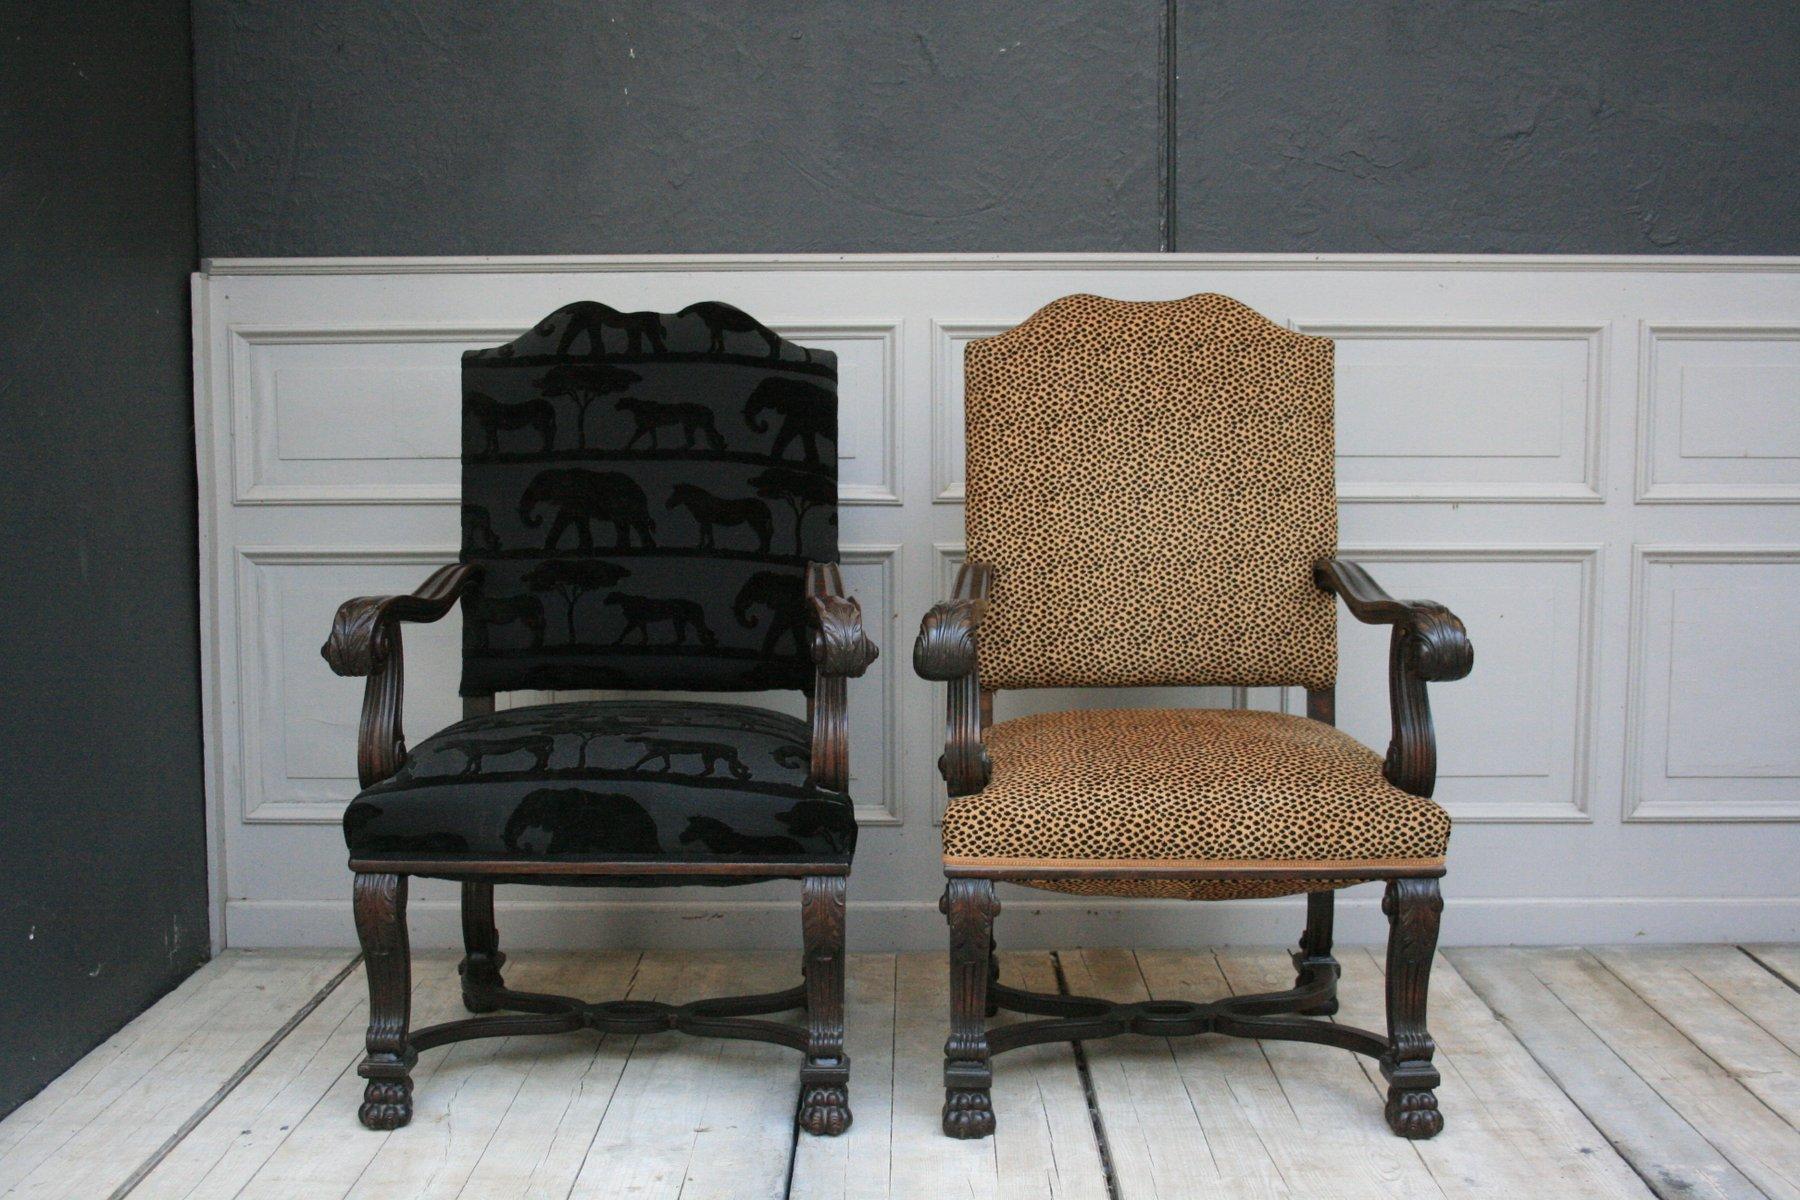 Sedie stile barocco prezzi: sedie stile barocco bellissima sedia